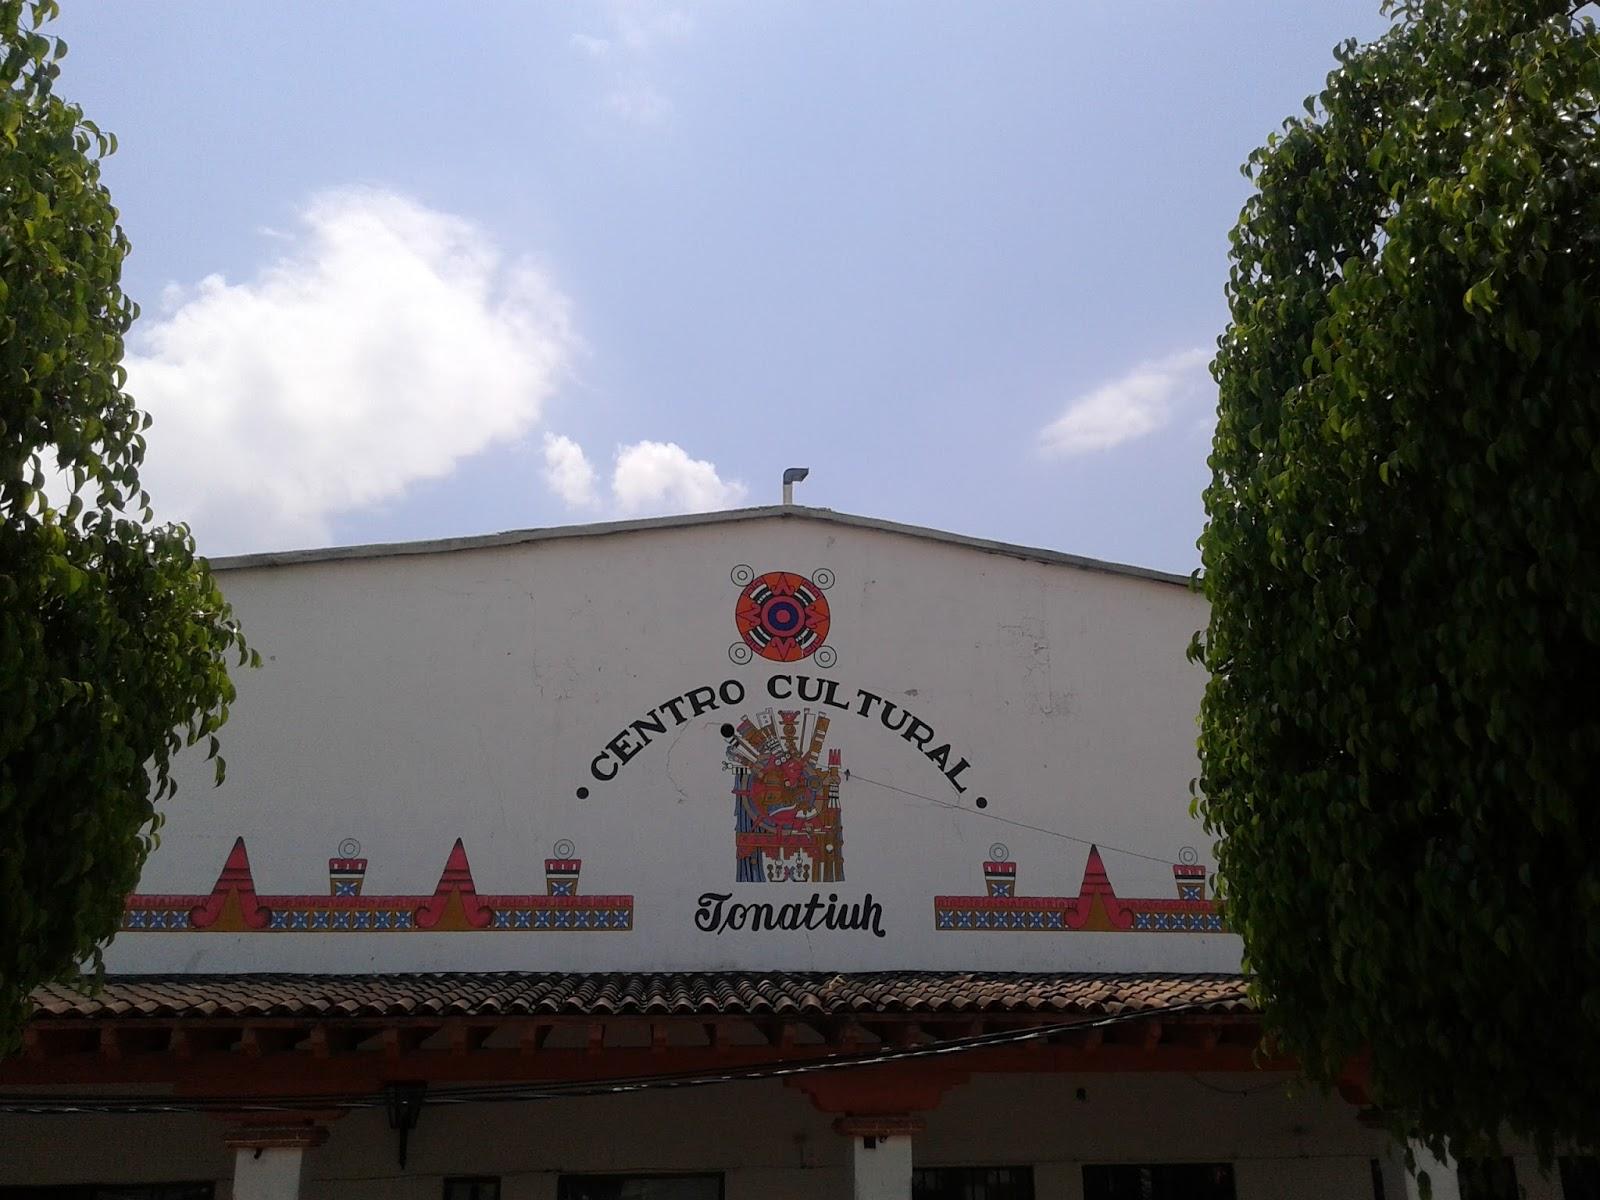 Tonatico